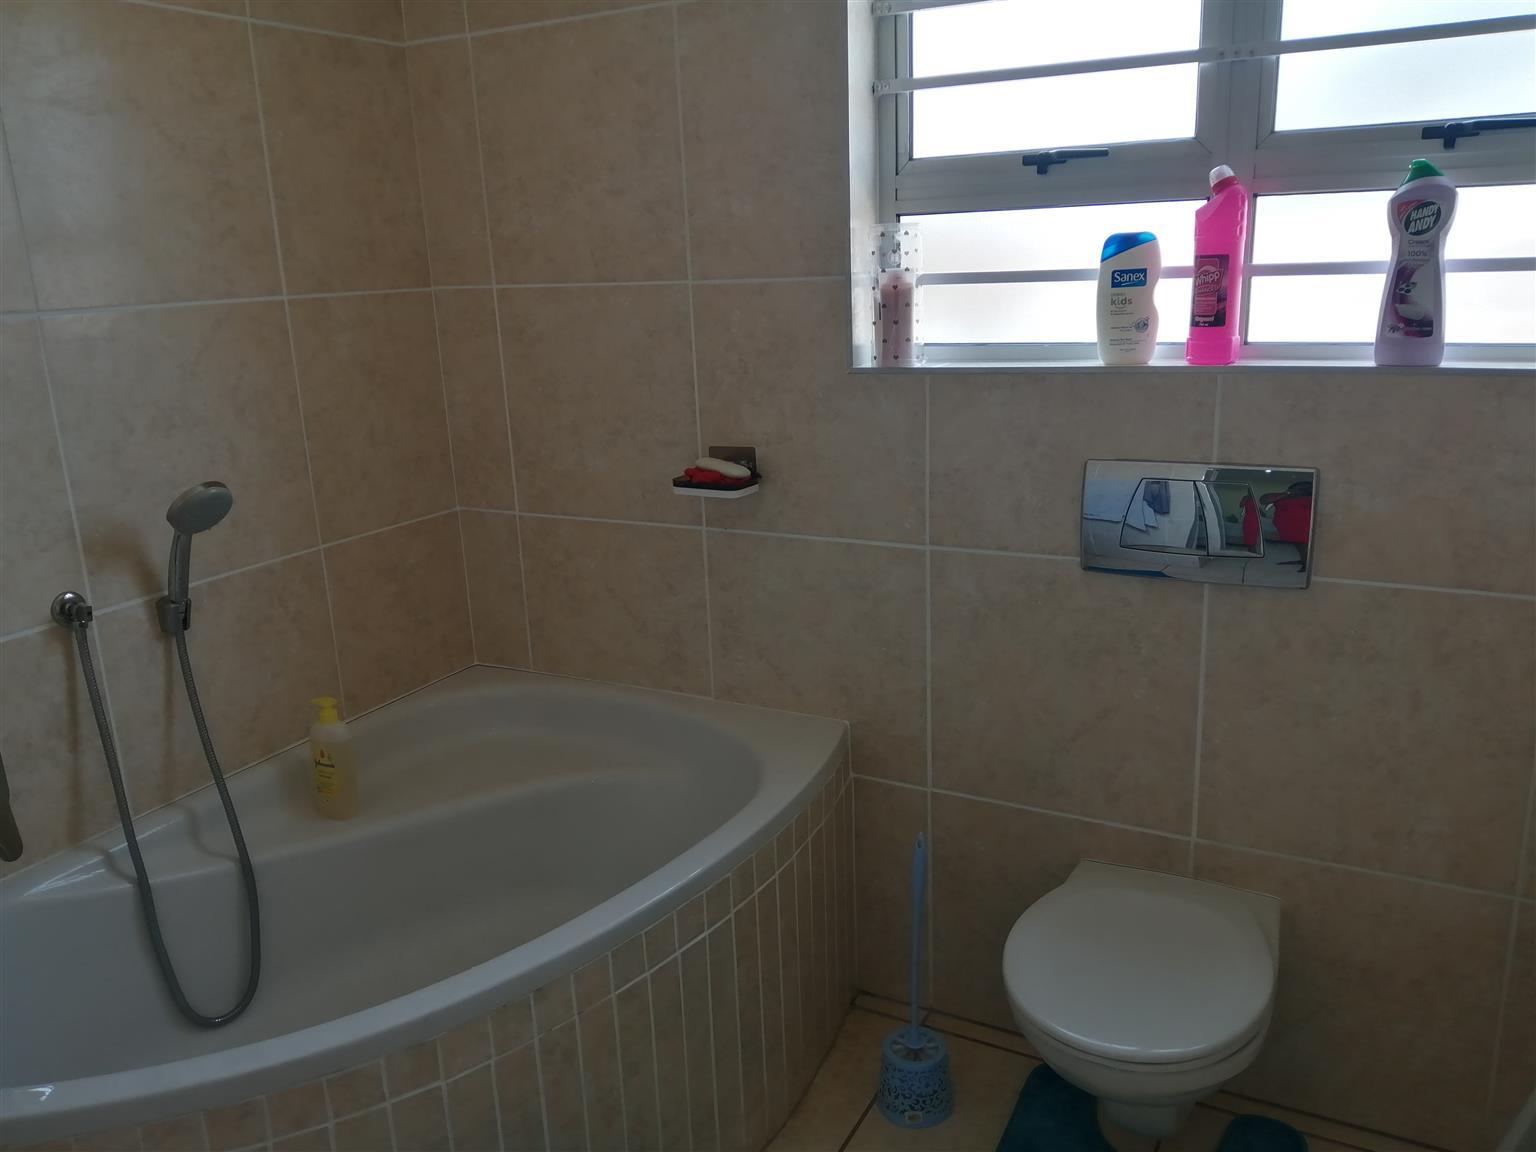 3 Bedroom 2 bathroom Freestanding house for sale in Palmview Phoenix